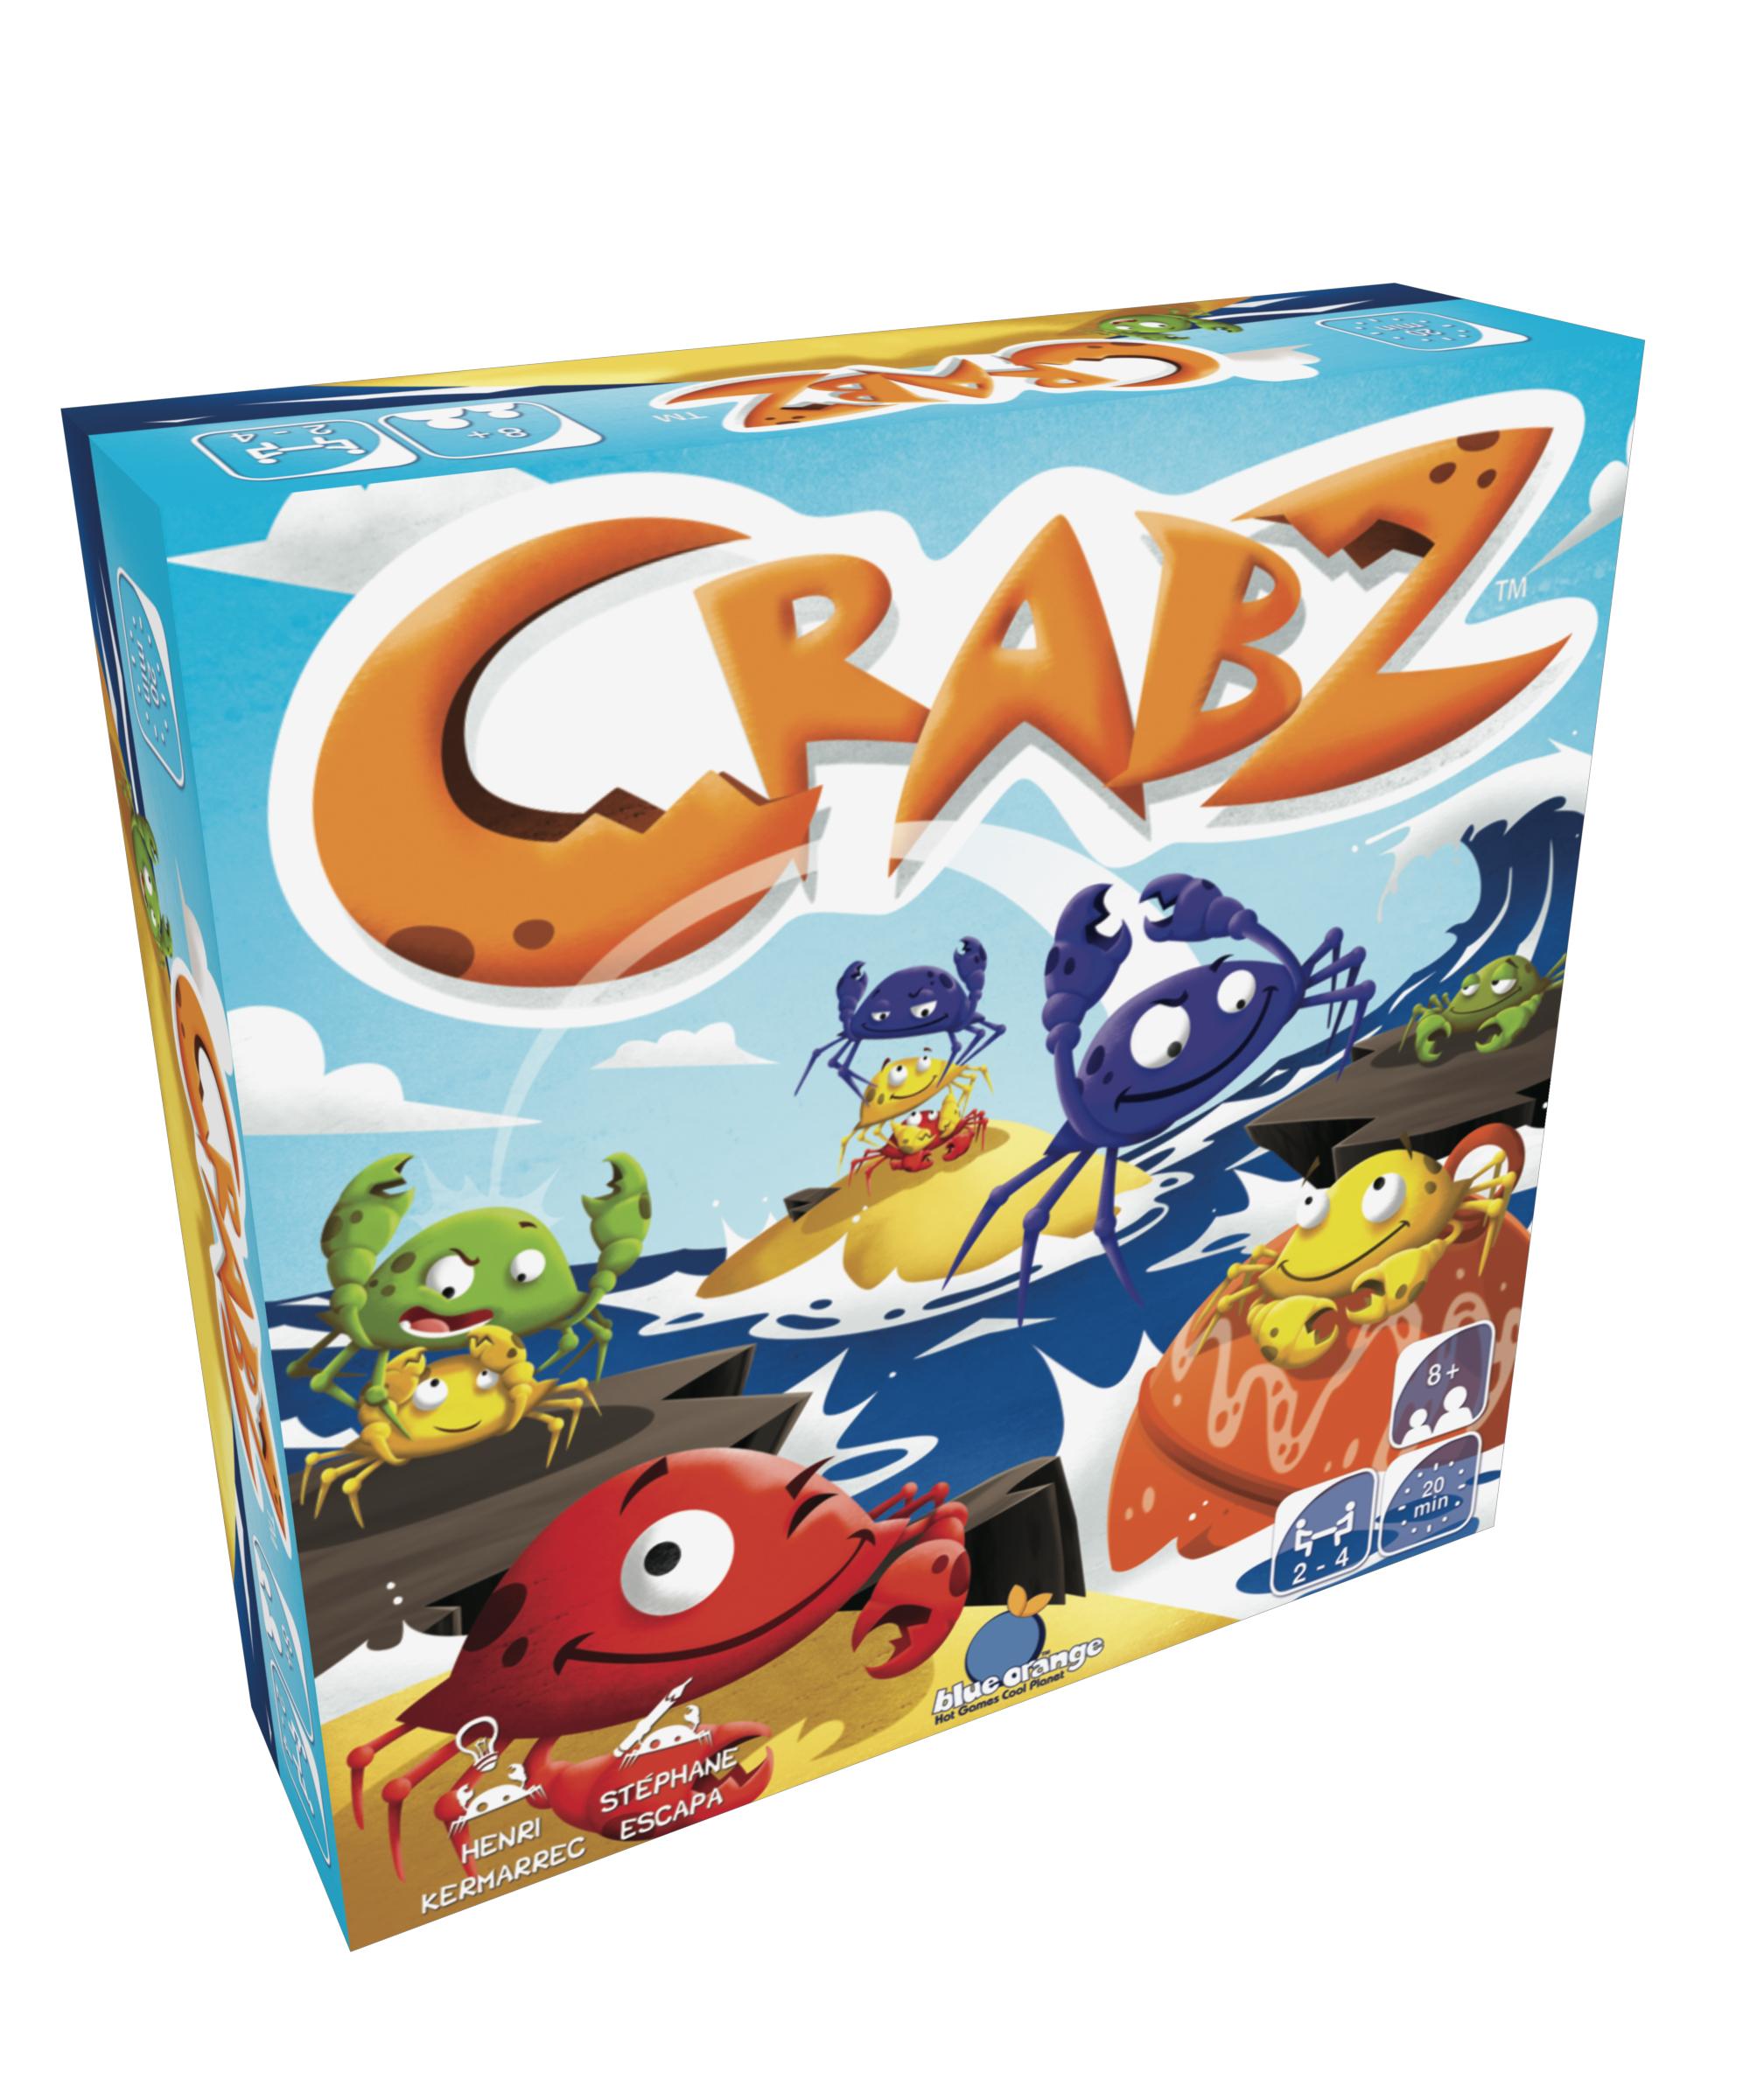 Crabz-3D